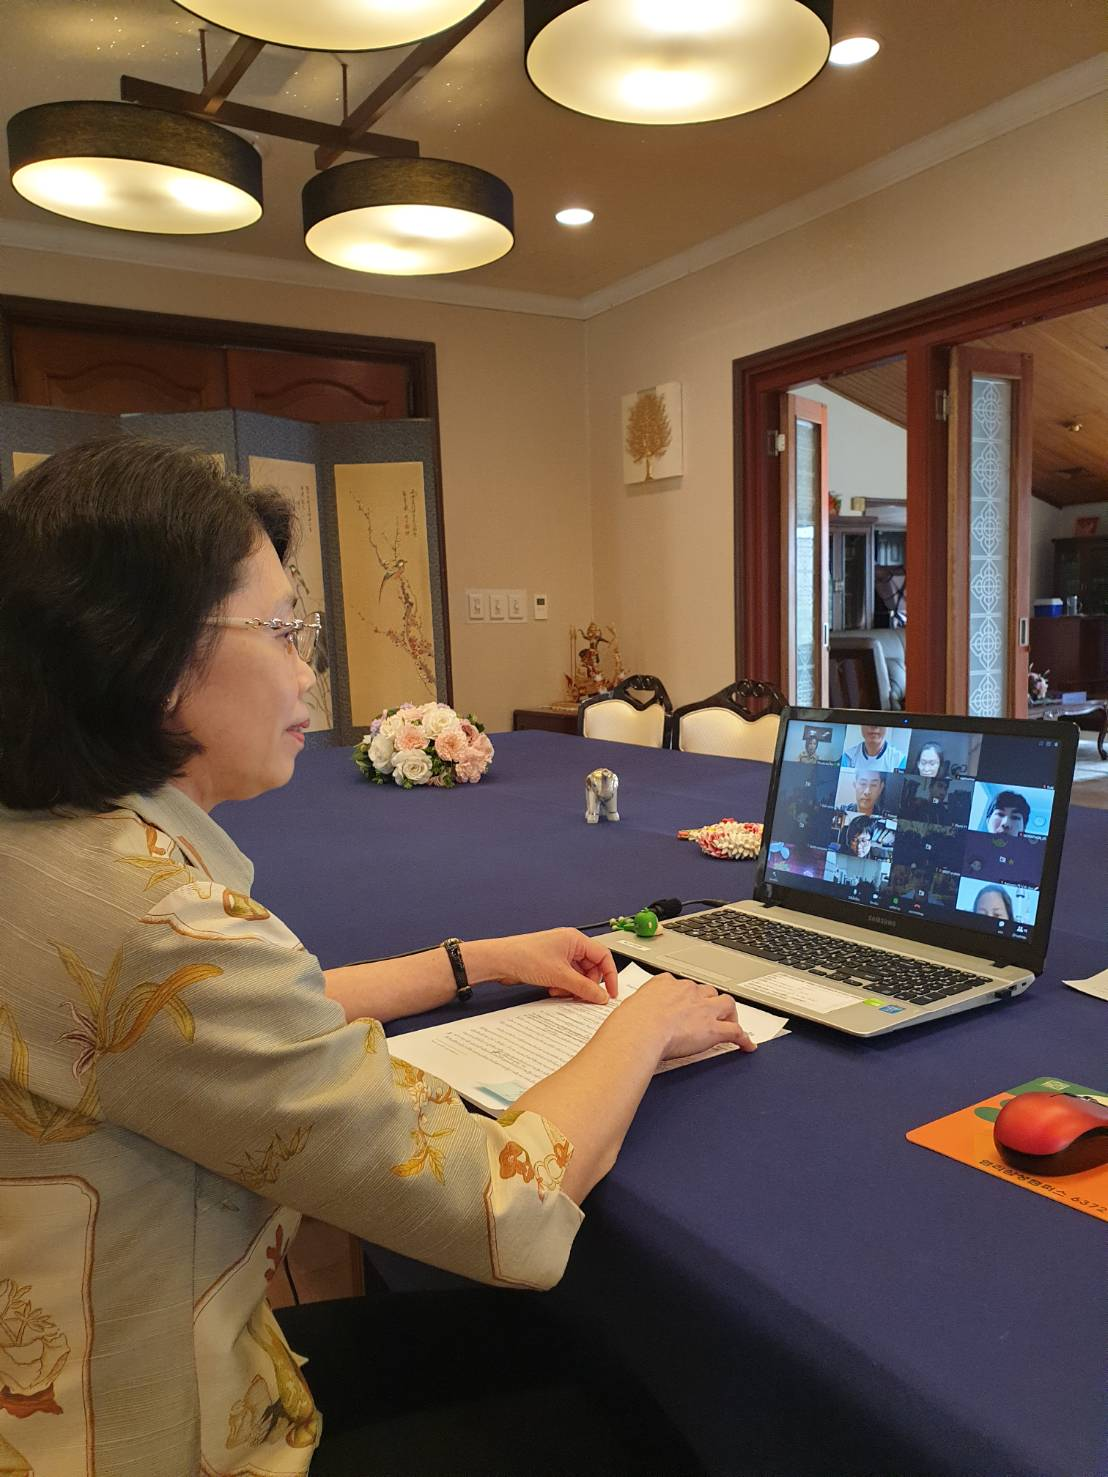 นางสาวรมณี คณานุรักษ์ เอกอัครราชทูต ณ กรุงโซล ได้กล่าวให้โอวาทและอวยพรวันสงกรานต์แก่แกนนำอาสาสสมัครแรงงานไทยในเกาหลีใต้ ผ่านระบบ Line meeting  ณ ทำเนียบเอกอัครราชทูตฯ